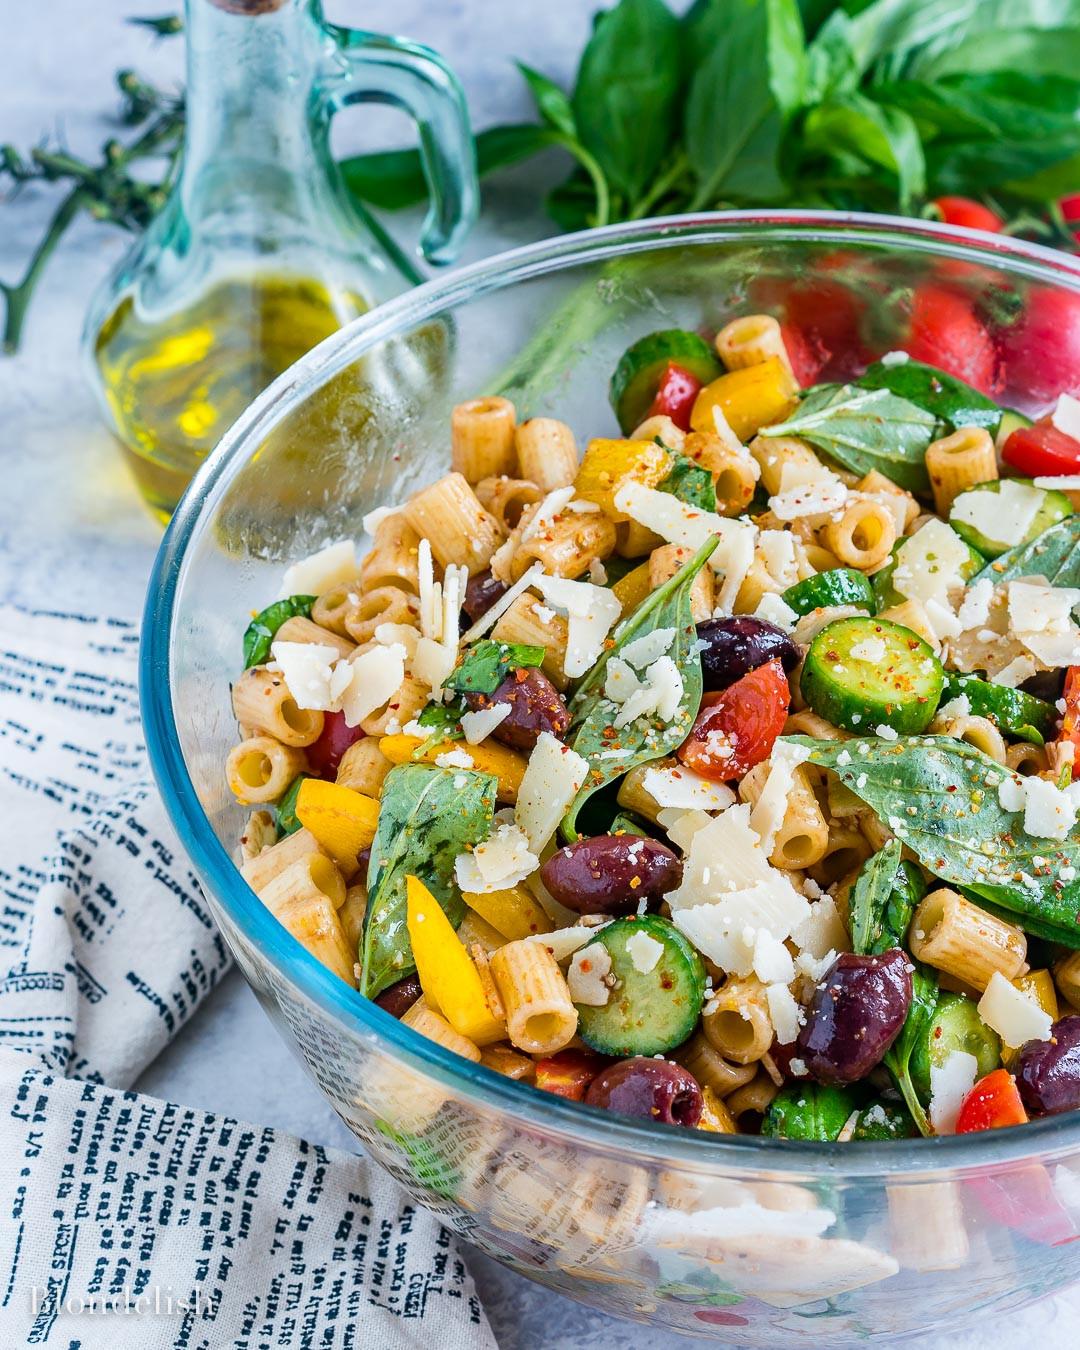 Healthy Pasta Salad Recipes  Healthy and Easy Mediterranean Pasta Salad